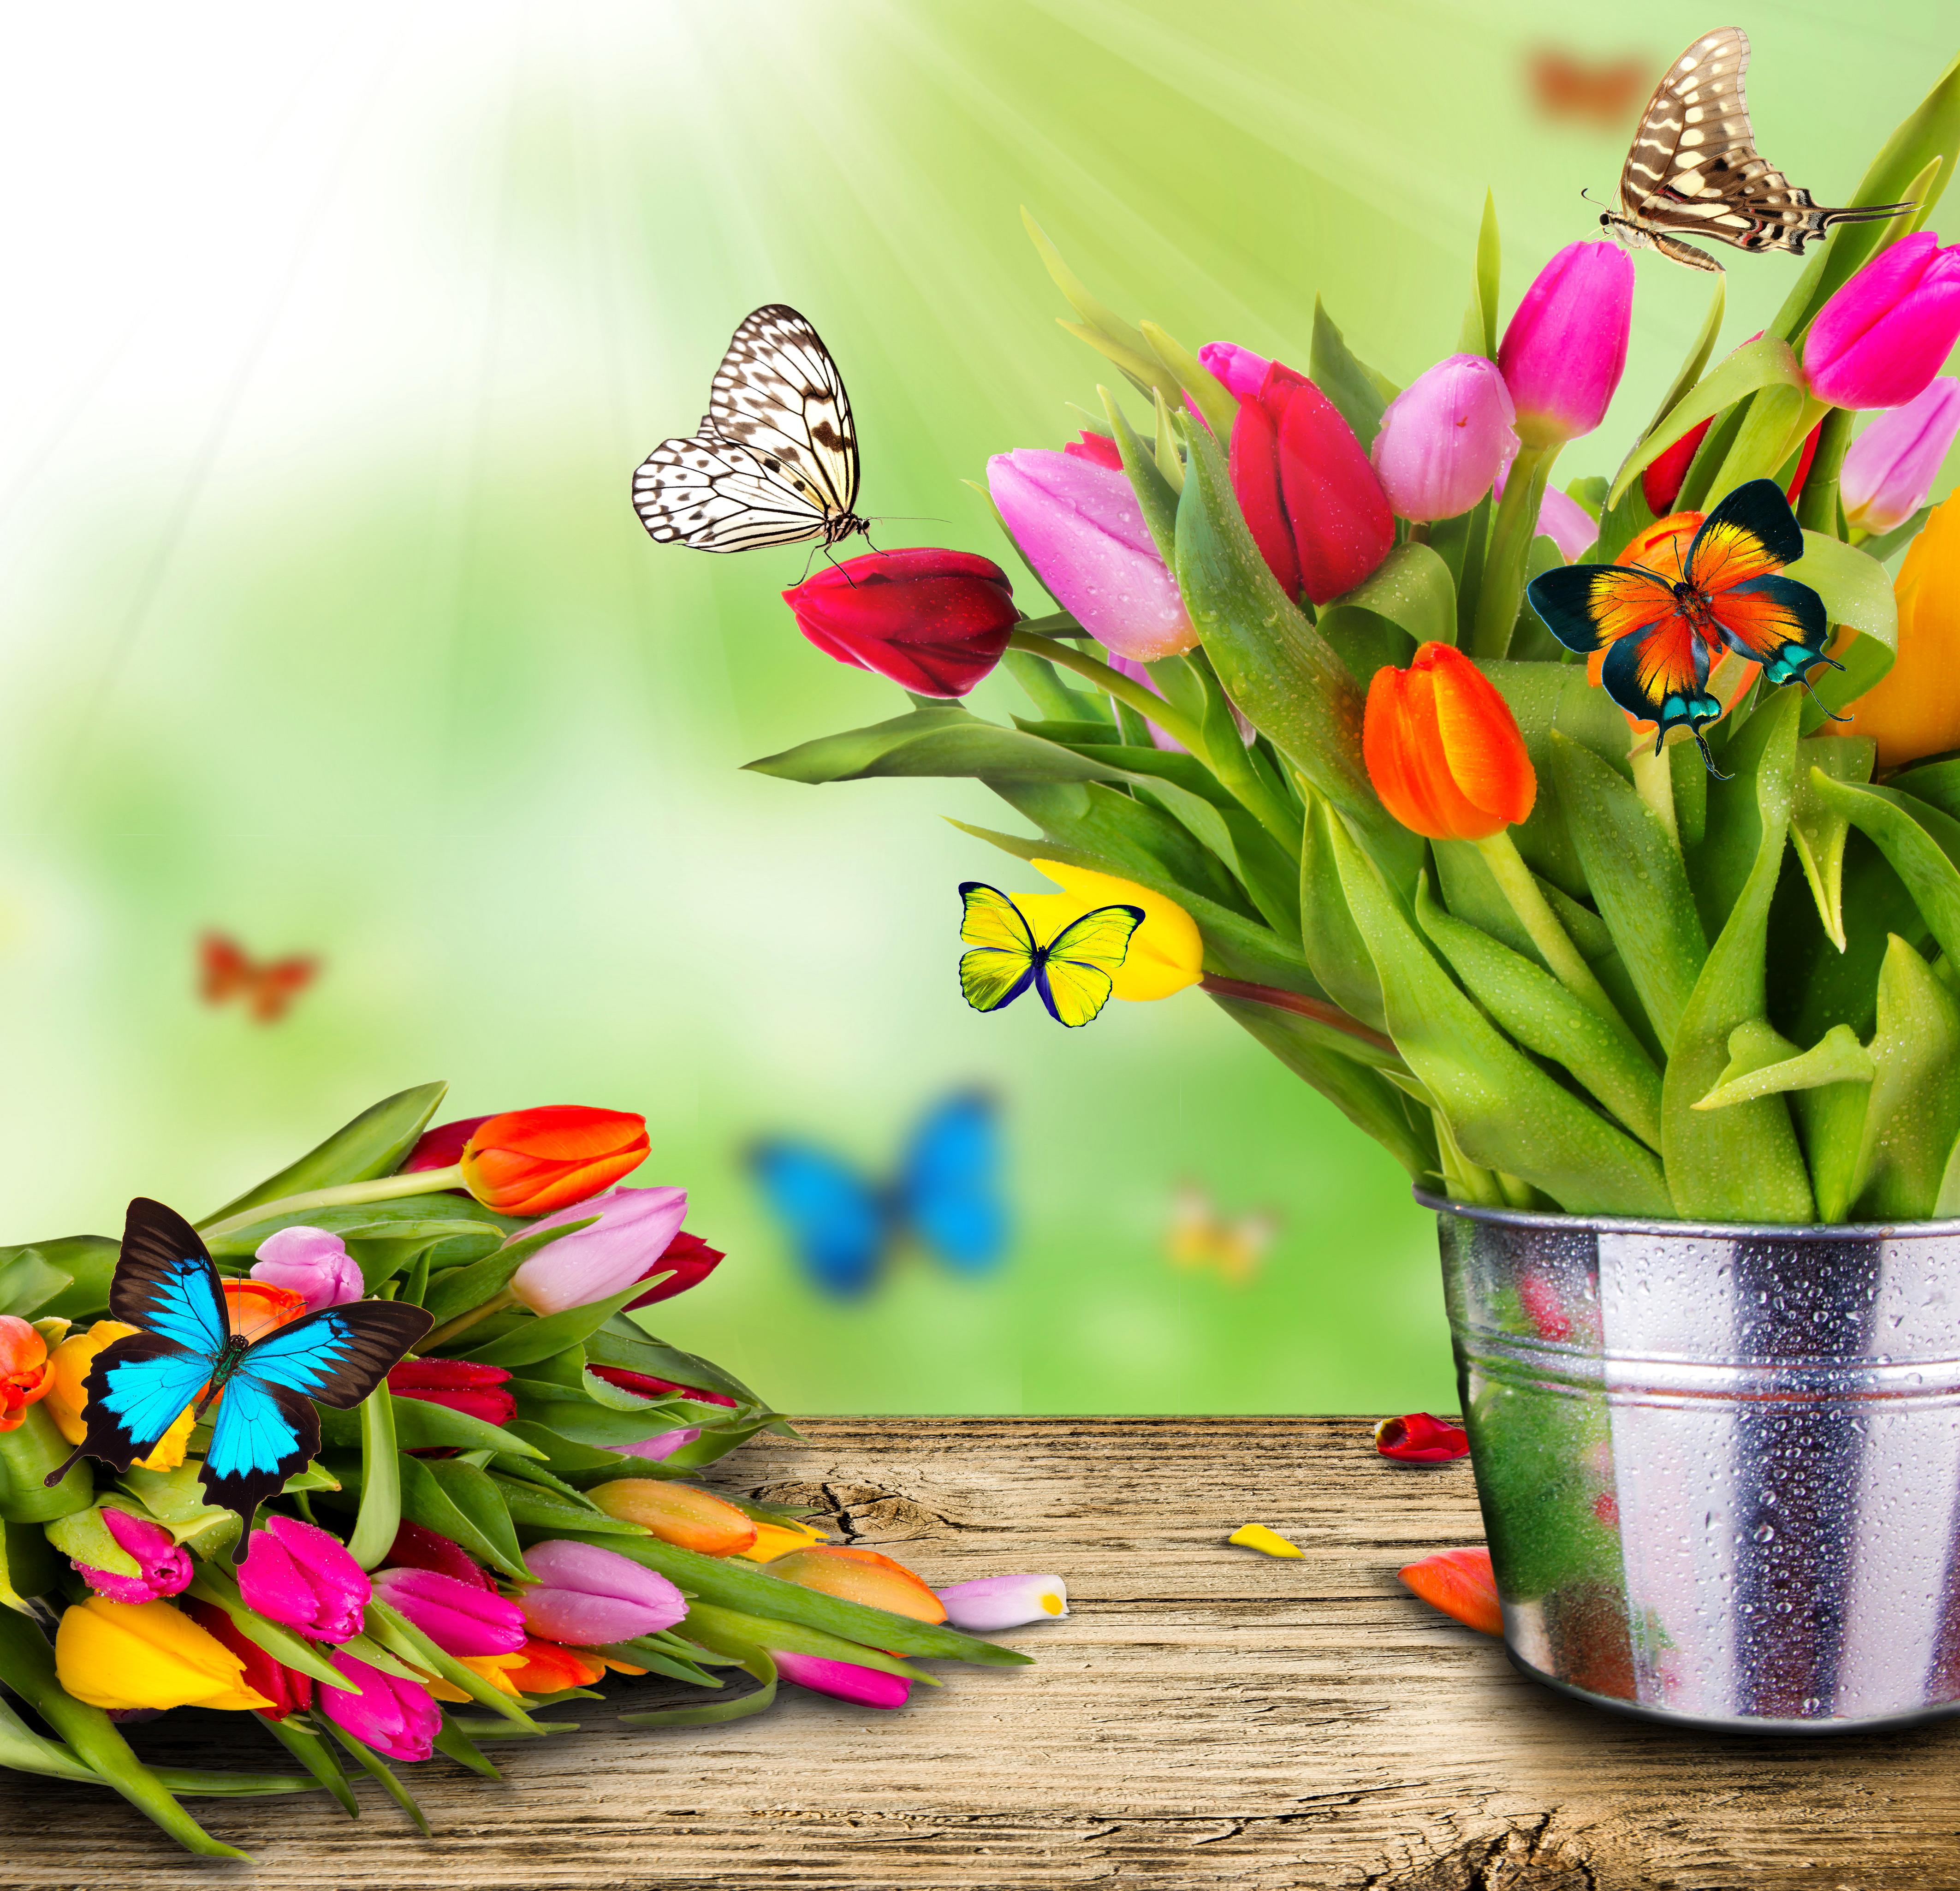 природа цветы ведро  № 464611 загрузить